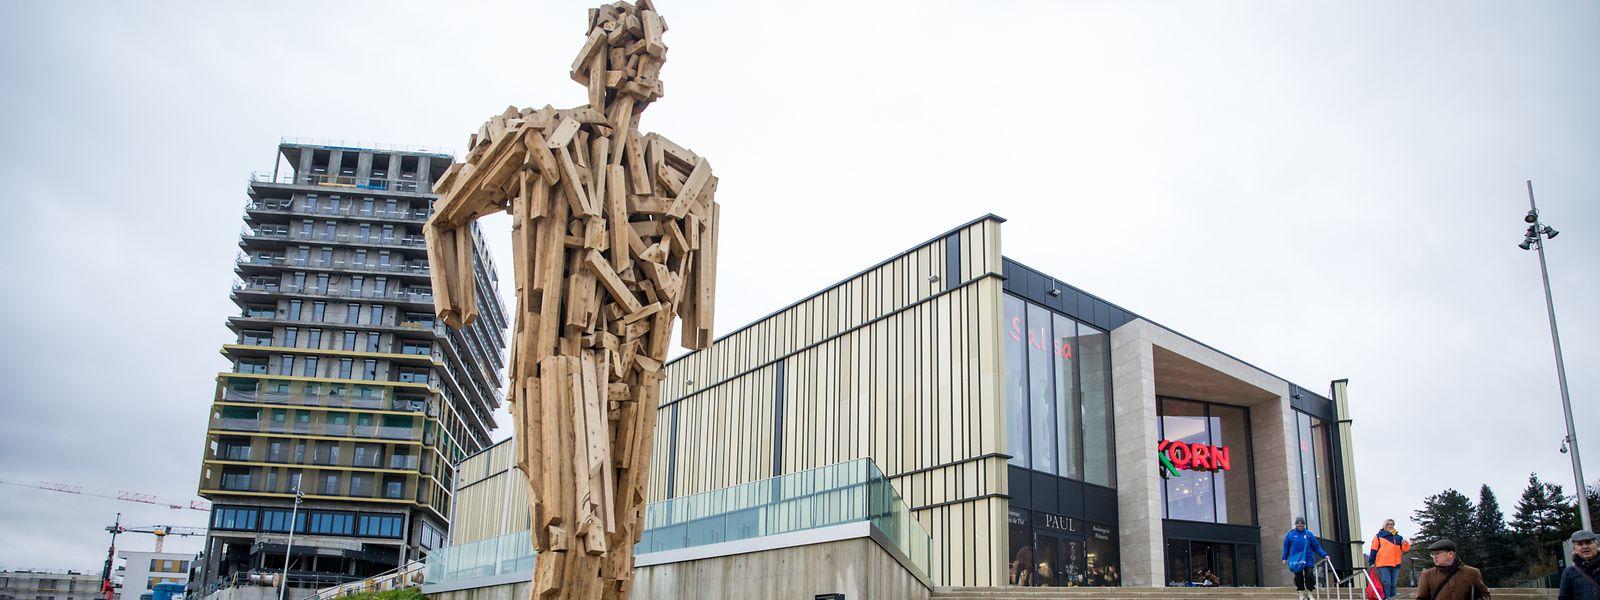 La nouvelle statue en bois est installée devant le centre commercial Opkorn à l'entrée du centre-ville de Differdange.